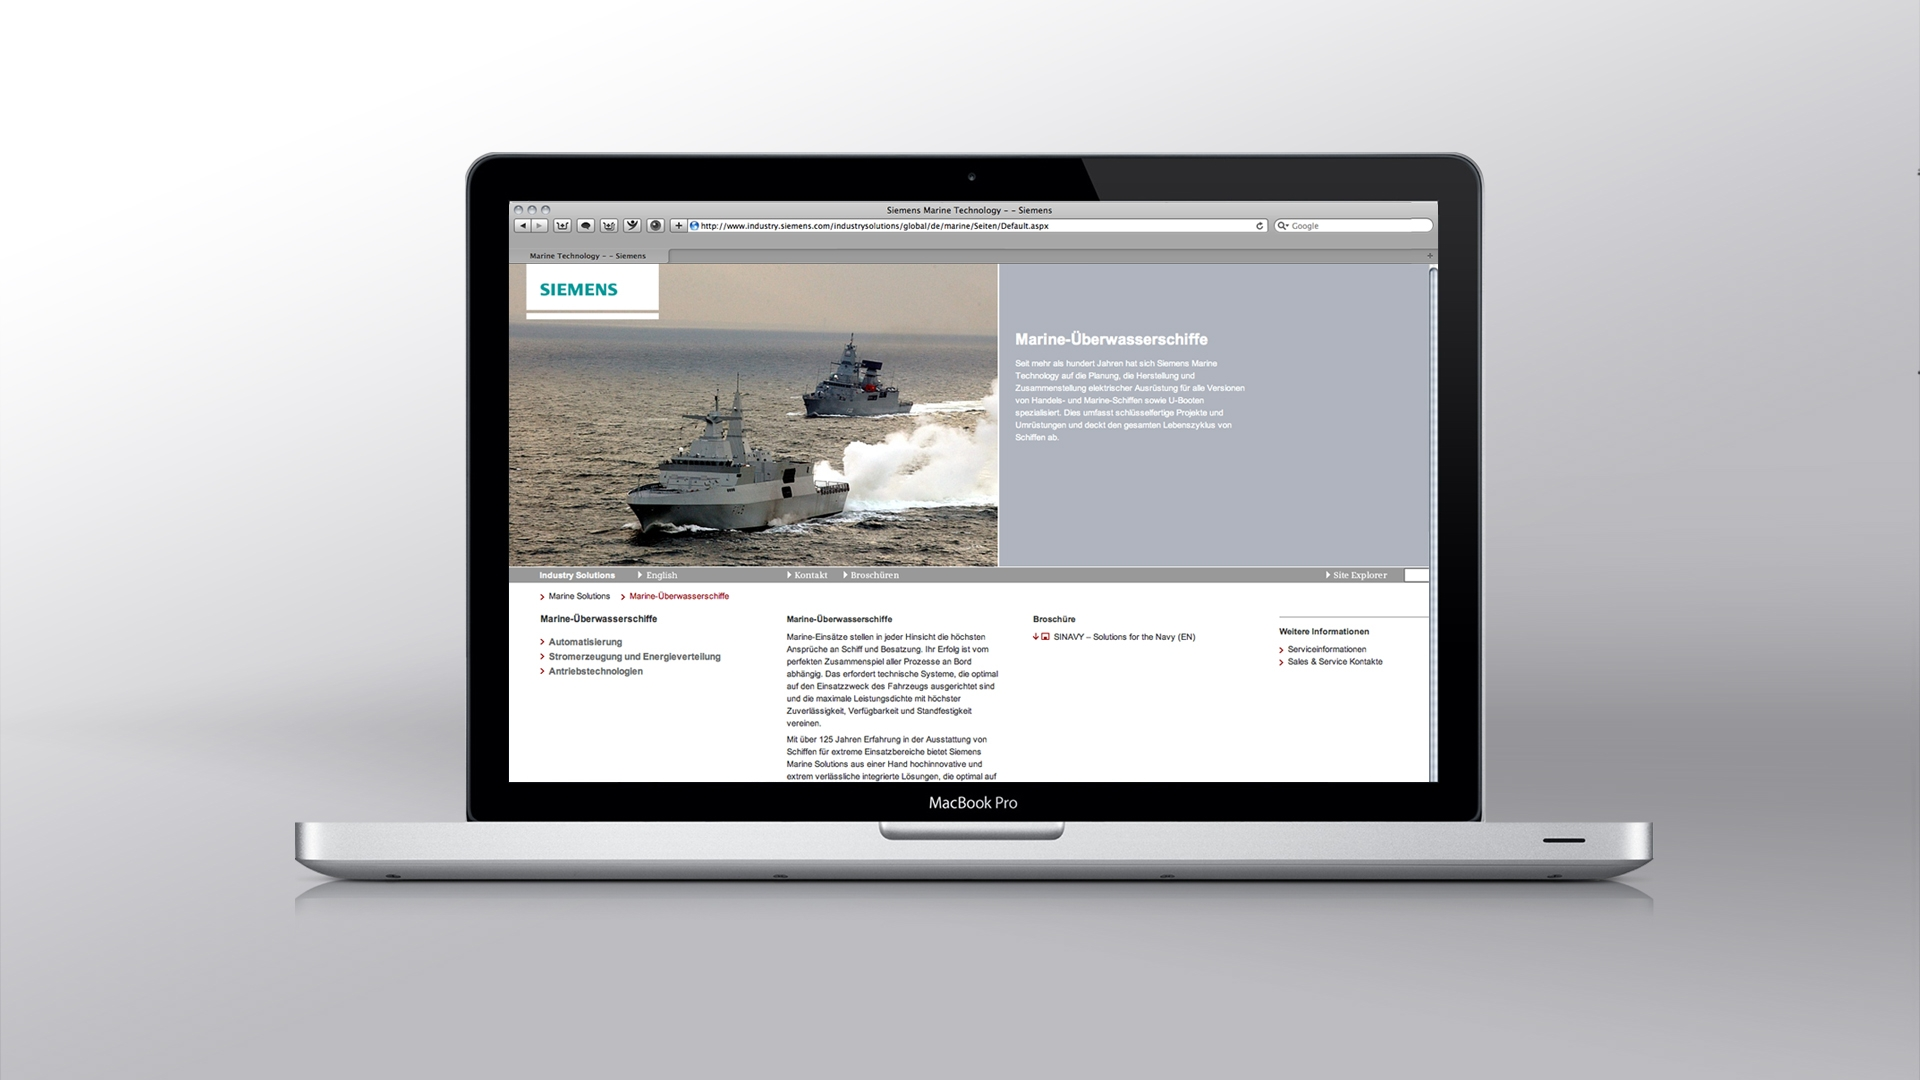 Charmant Upload Lebenslauf Online Von Ipad Galerie ...